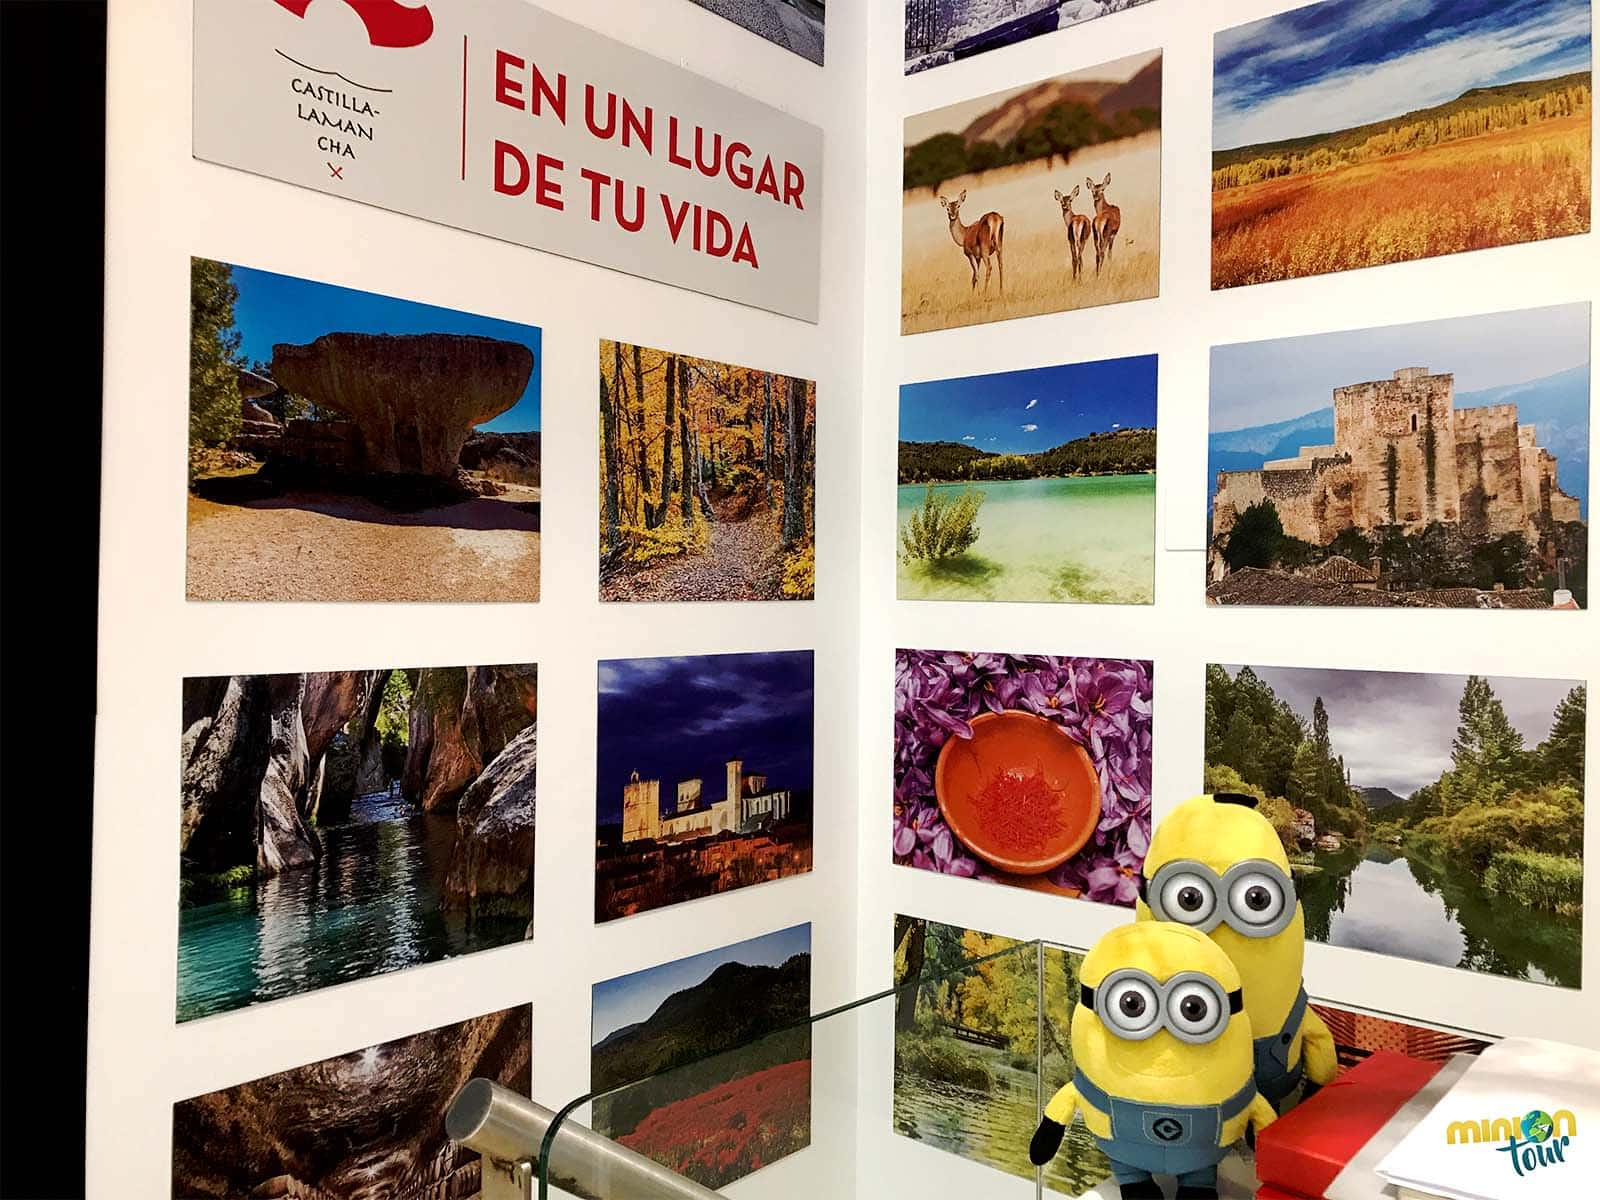 Algunos de los preciosos rincones de Castilla-La Mancha